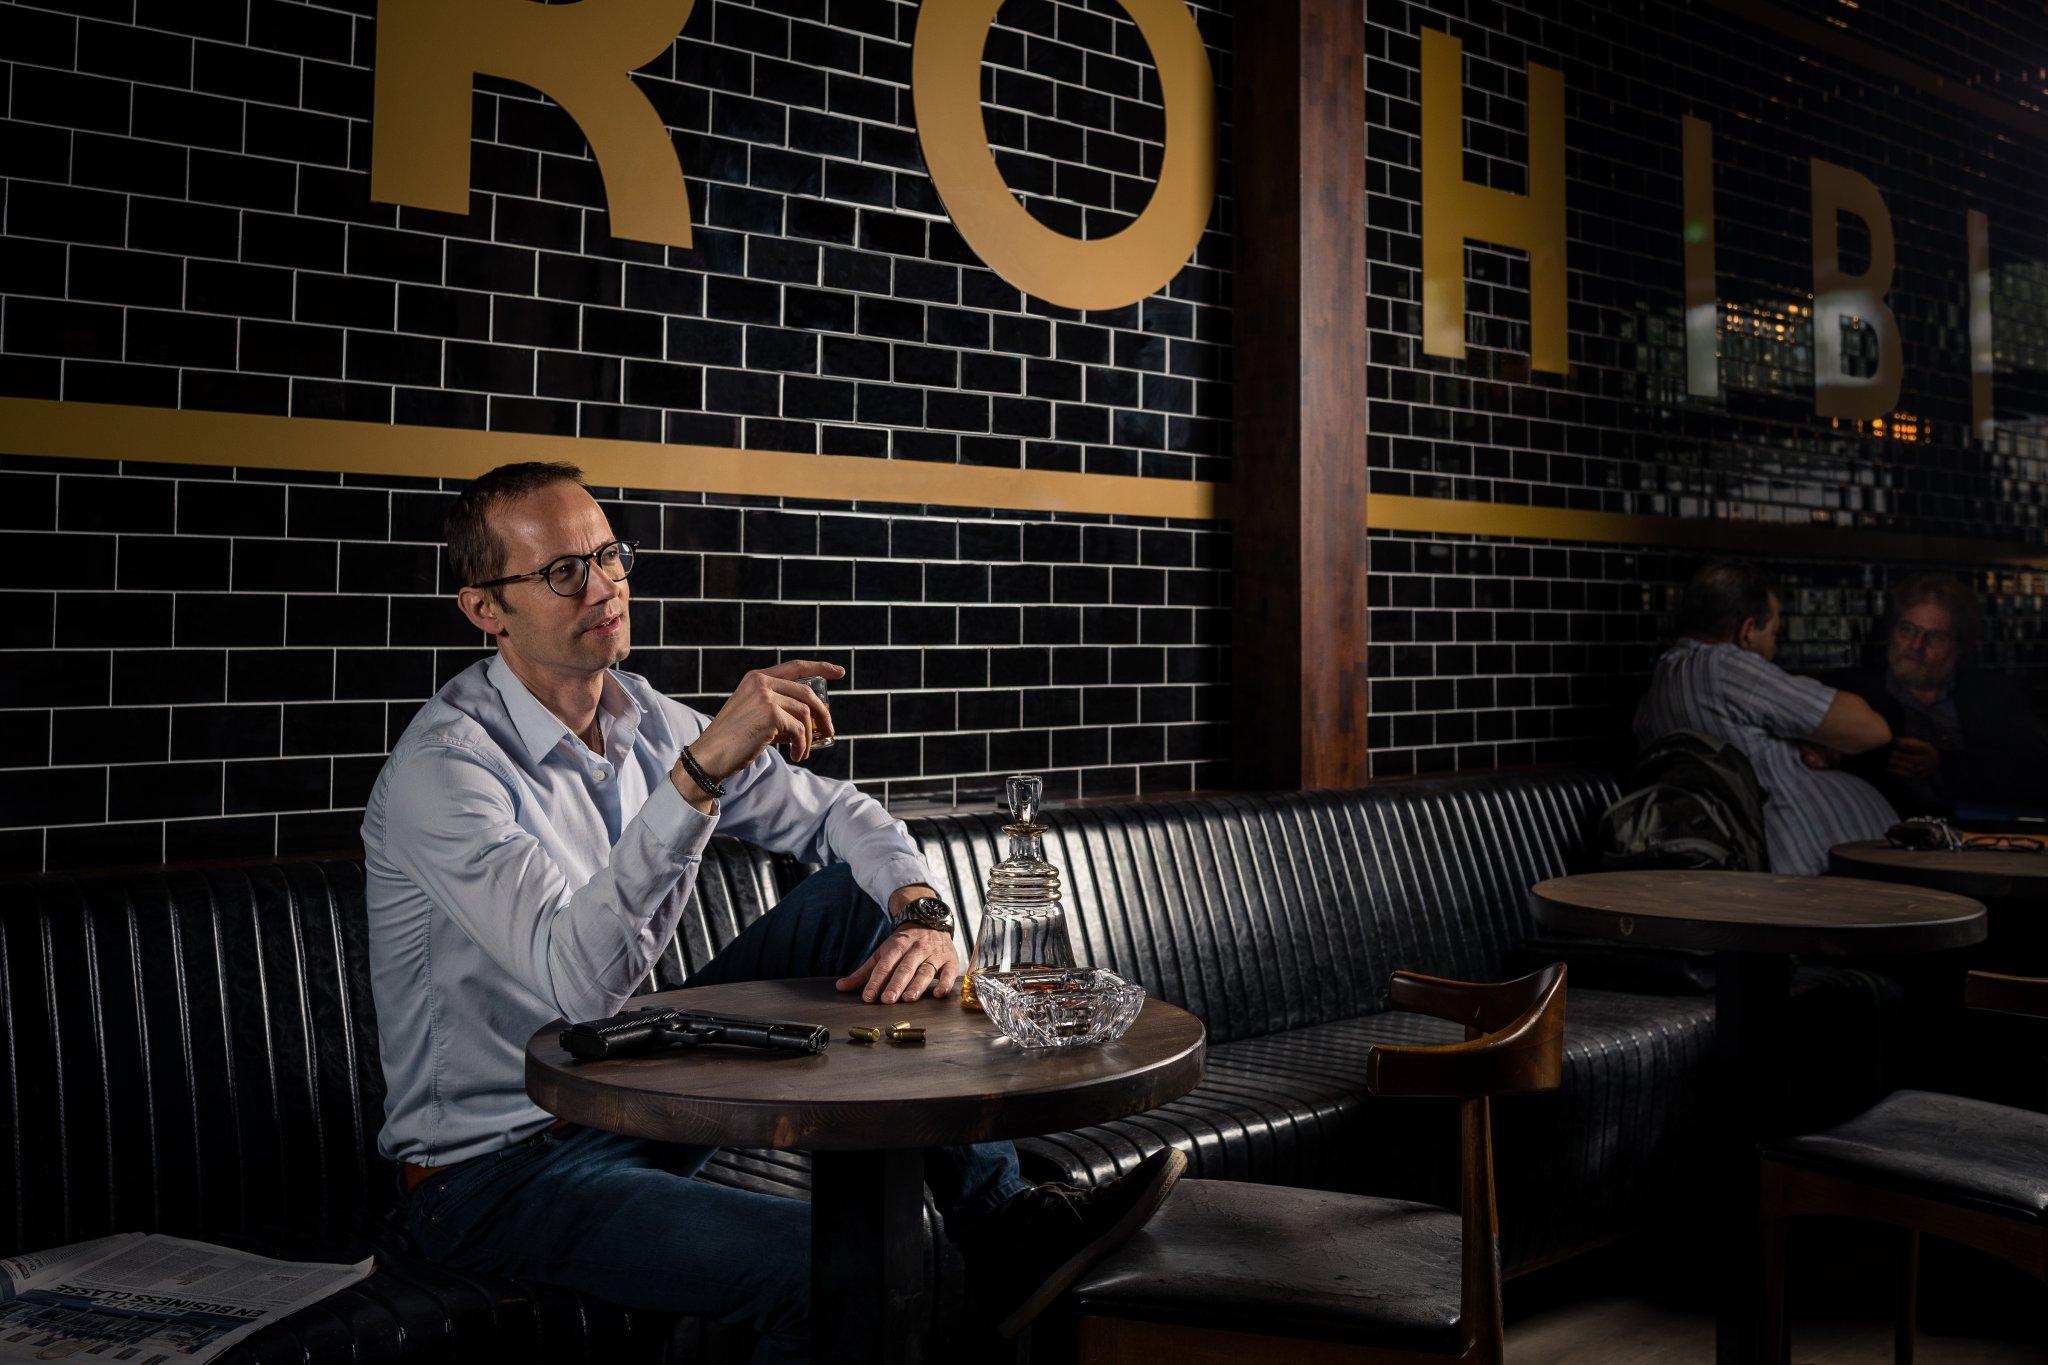 Photographe Lyon Villeurbanne - Portrait entreprise Sébastien Escalier - Le Loop's Pub - Gratte-Ciel artisan commerçant